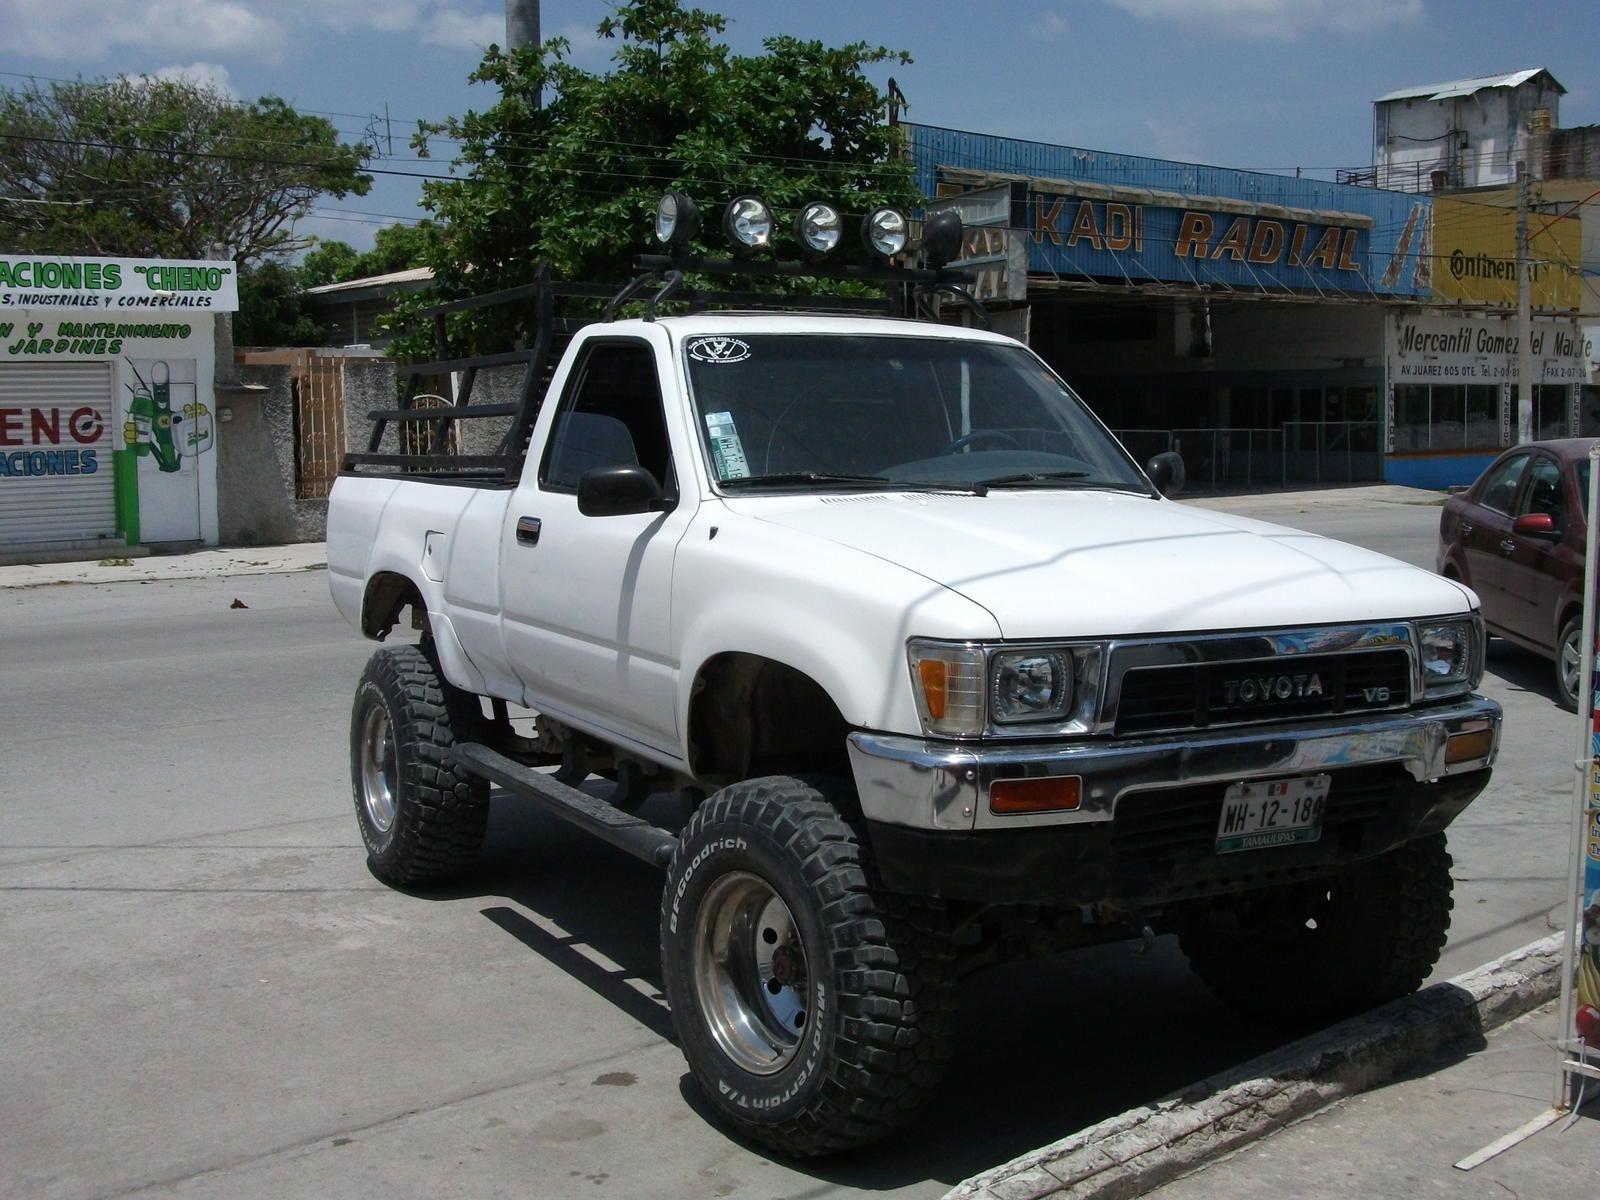 89 pickup 4x4 toyota old school trucks 4x4 trucks. Black Bedroom Furniture Sets. Home Design Ideas